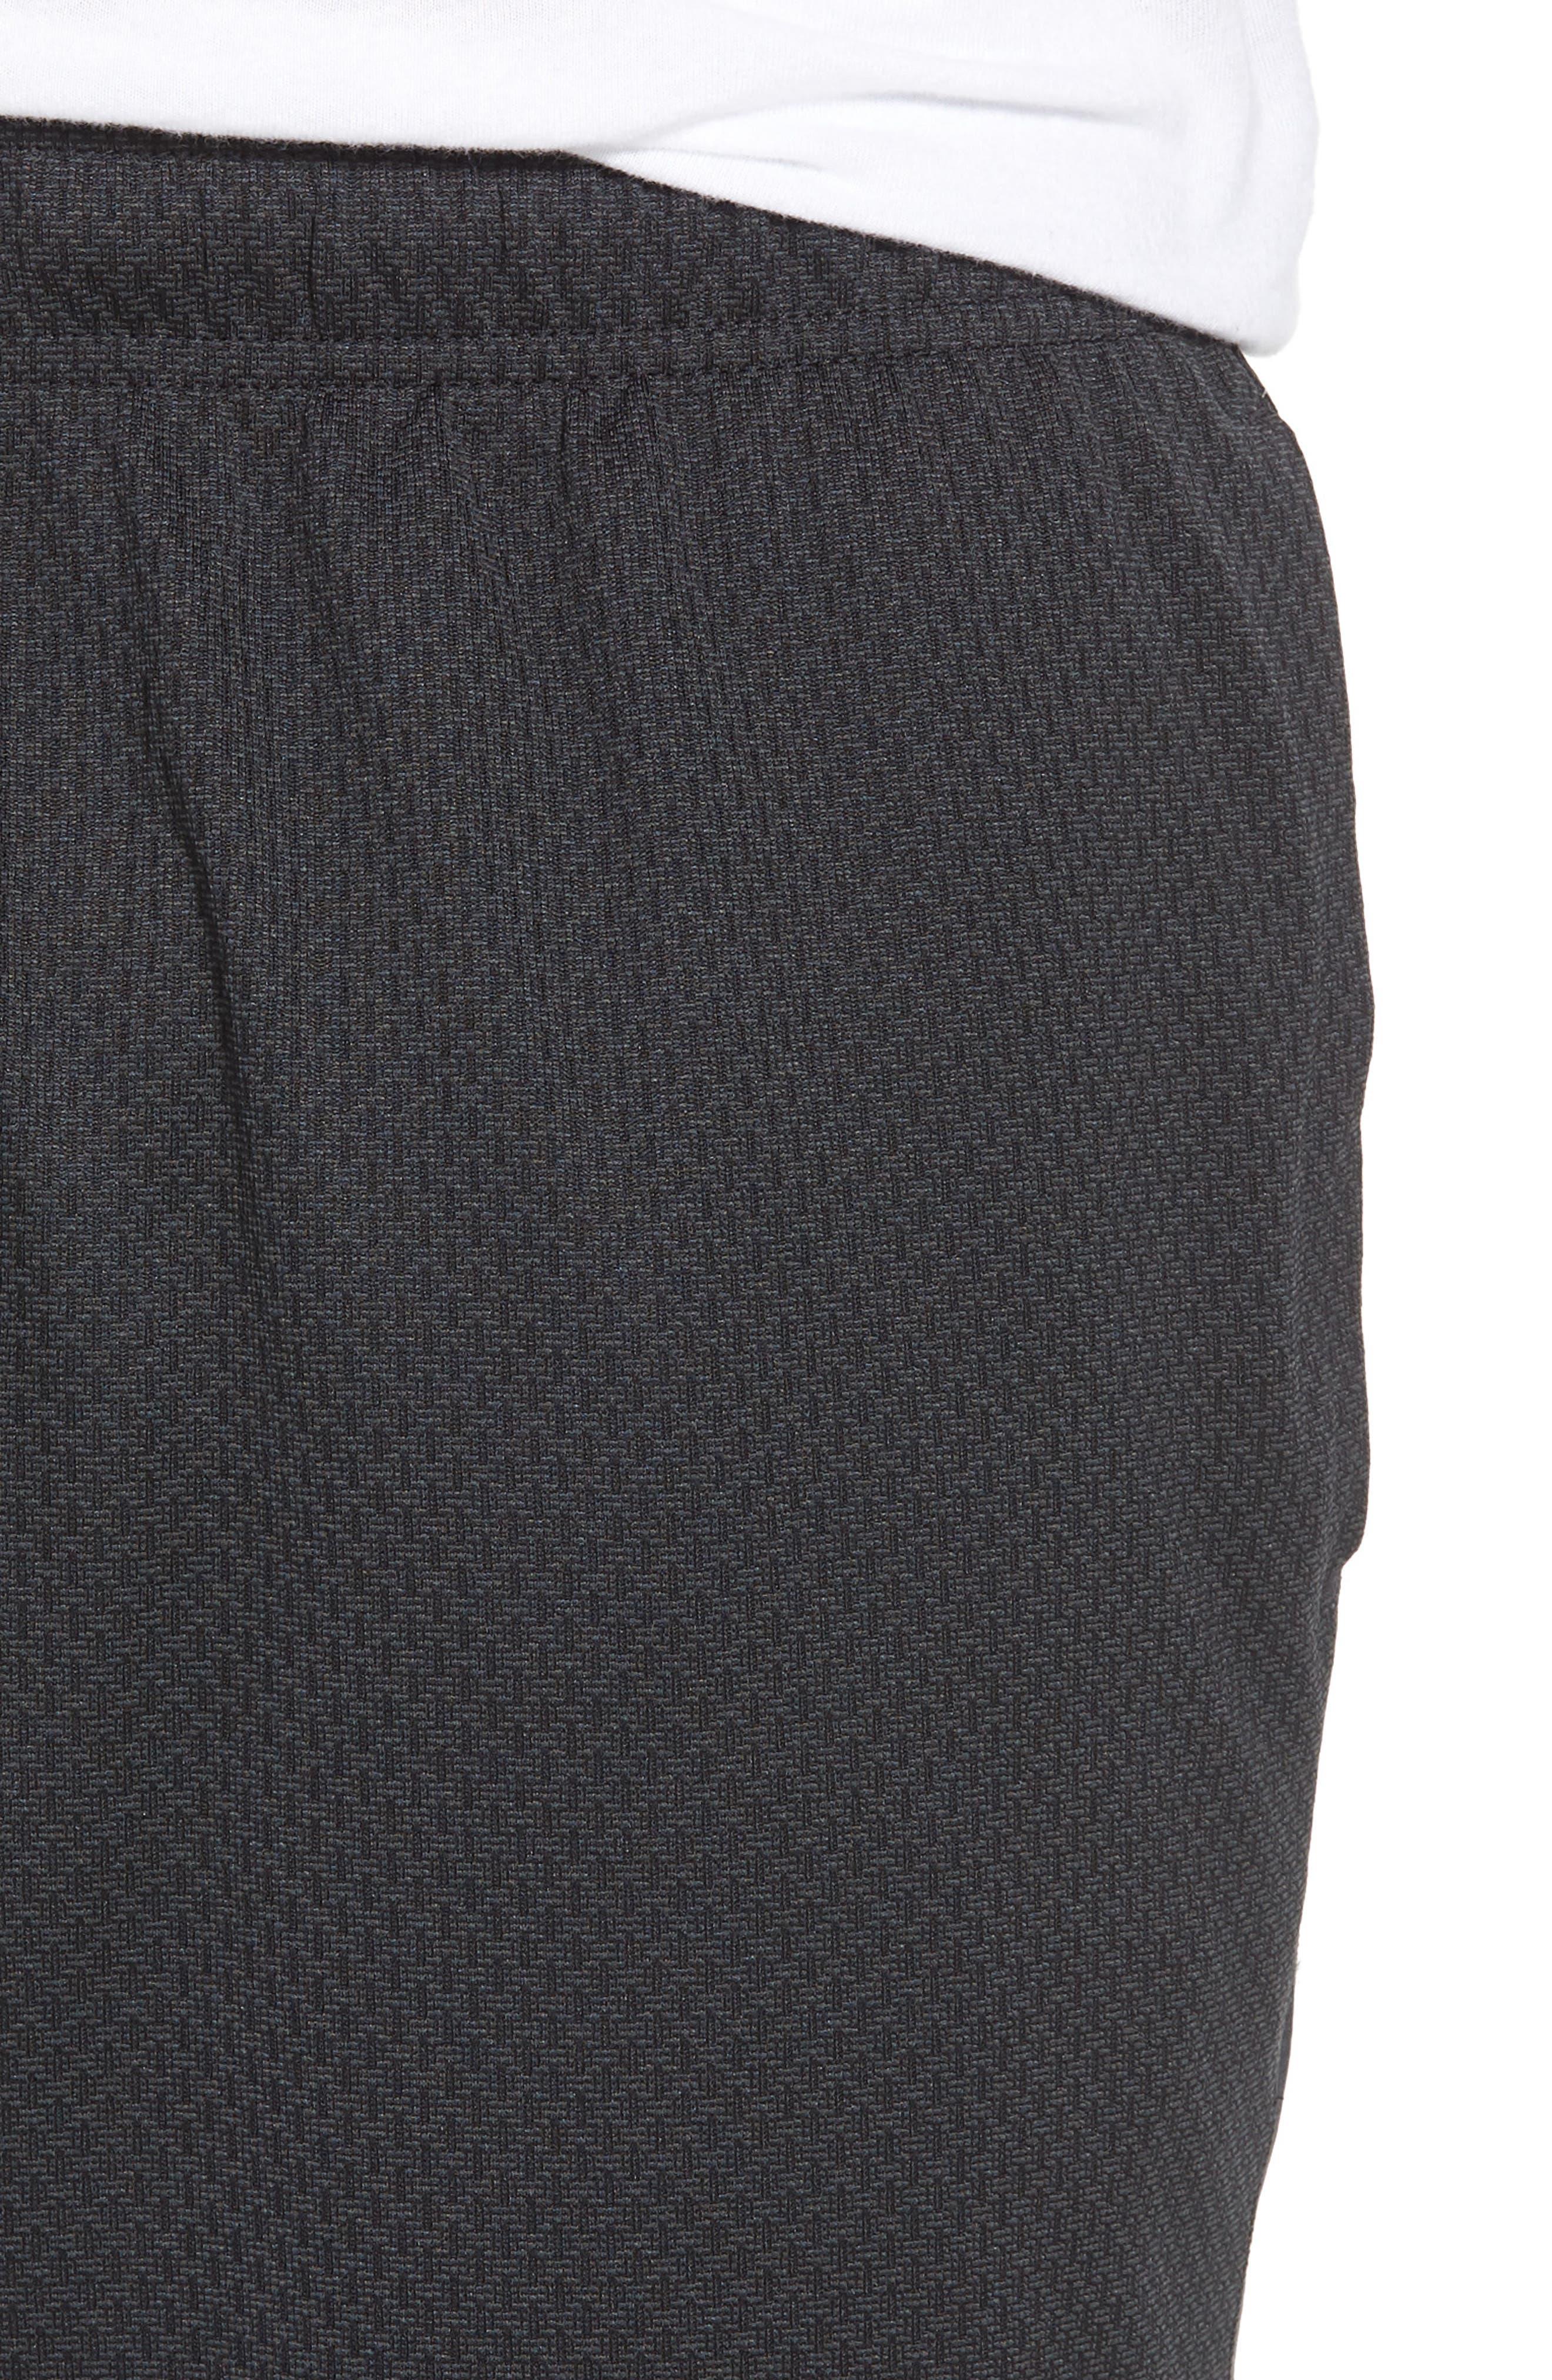 Tencity Knit Shorts,                             Alternate thumbnail 4, color,                             Black